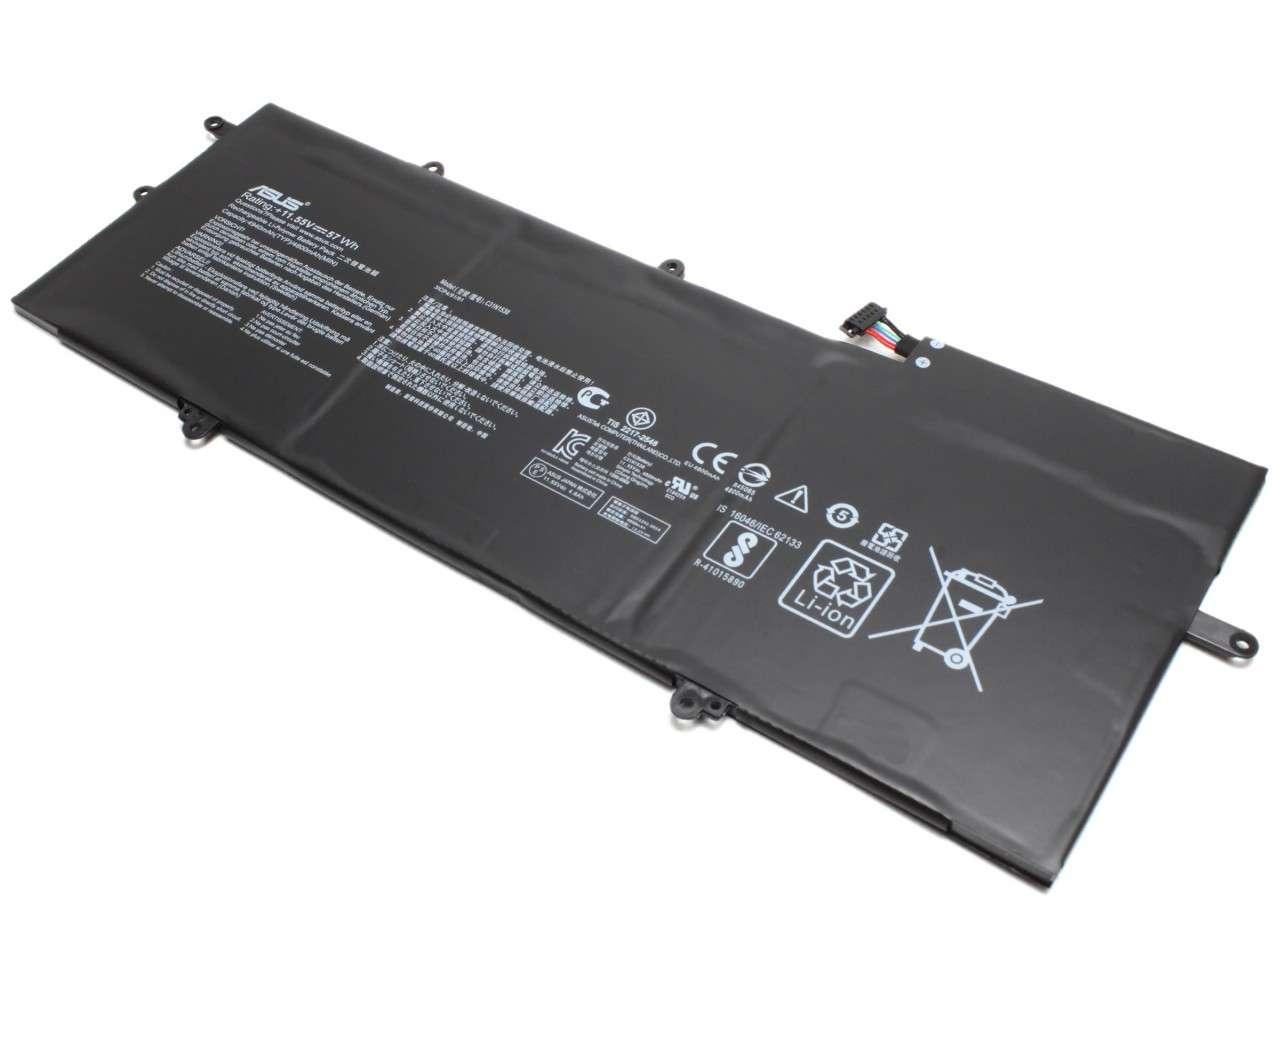 Baterie Asus C31PQ9H Originala 57Wh imagine